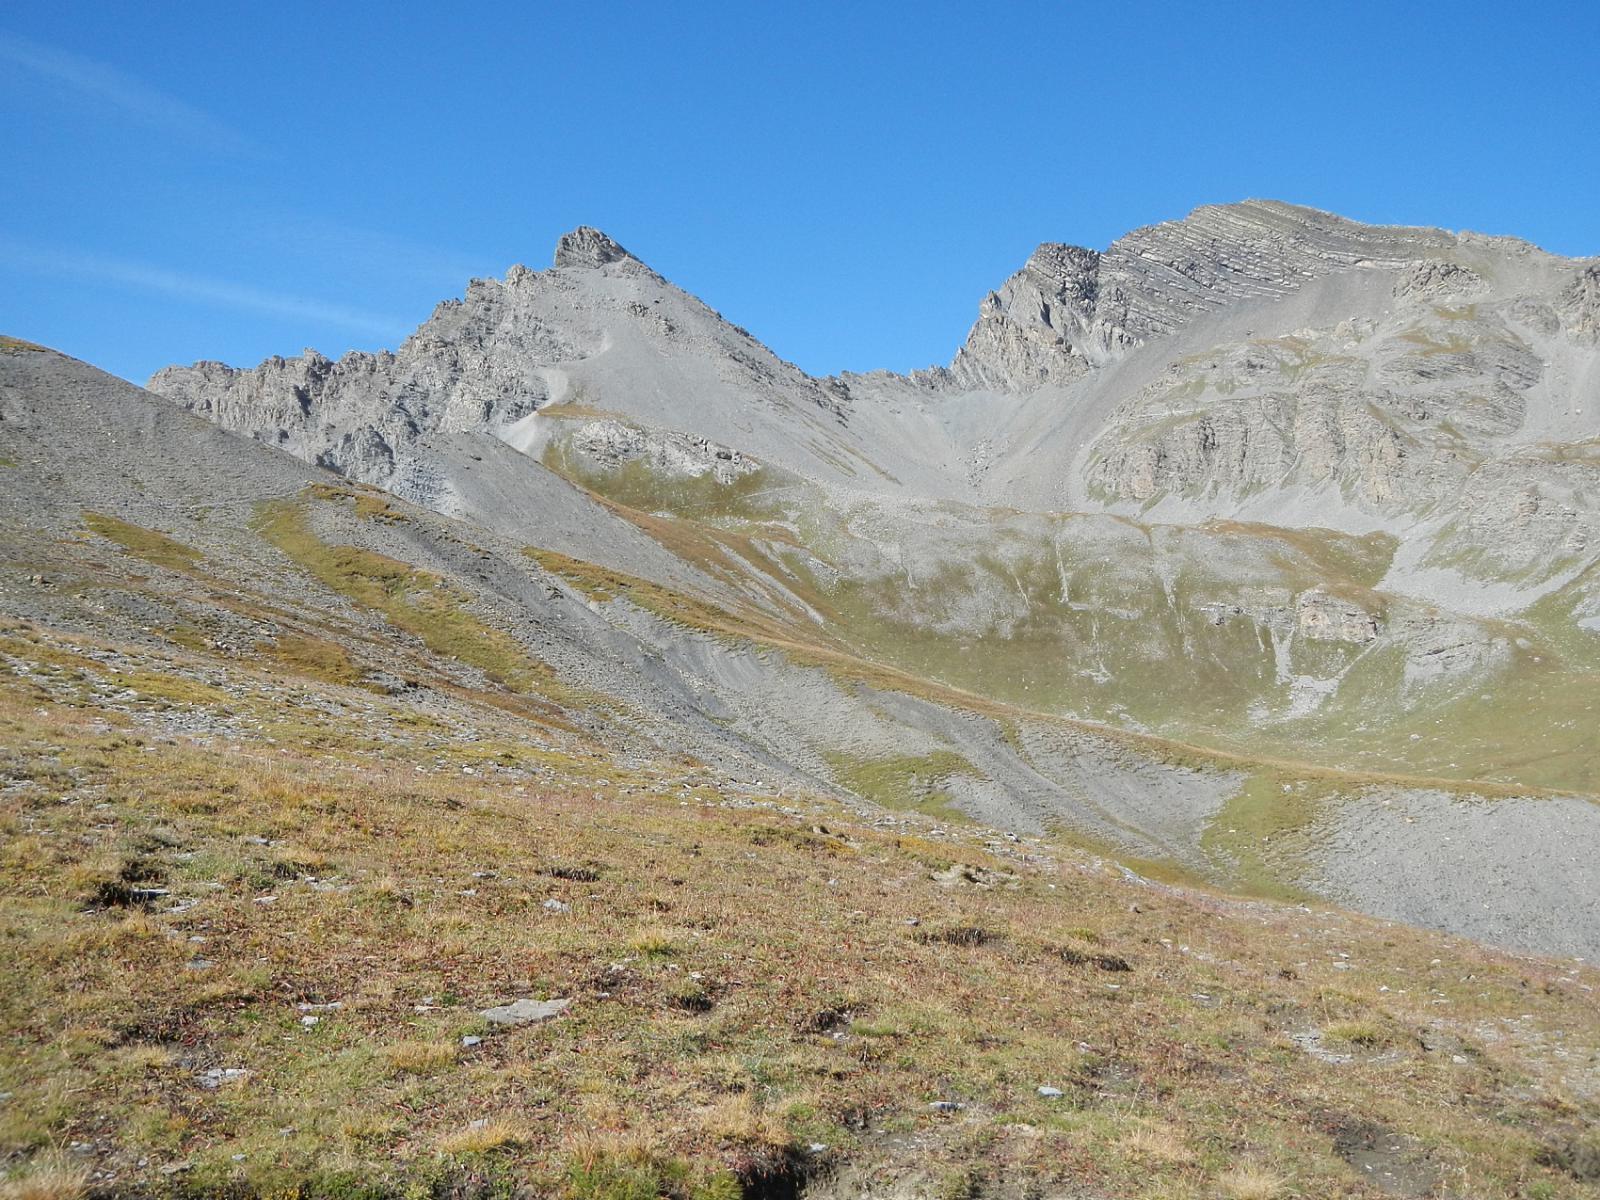 dal Colle di Puriac: Rocca dei Tre Vescovi, Col de la Vigne, Monte Enchastraye